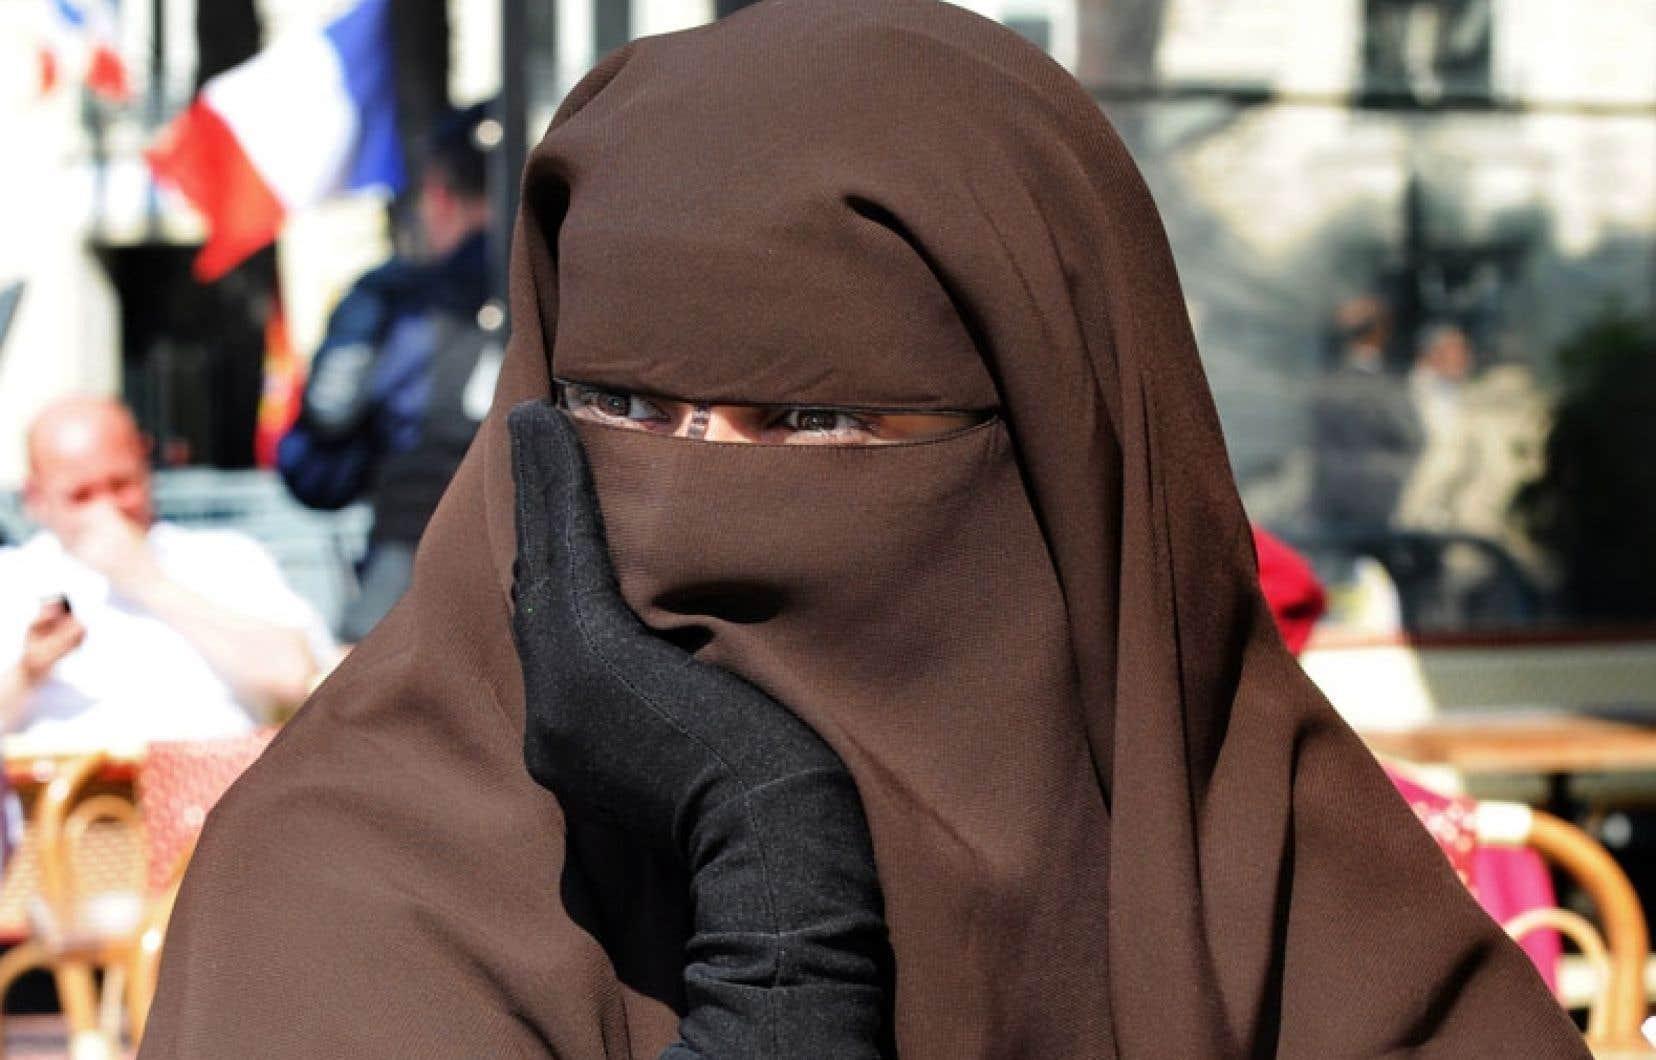 Le gouvernement français avait plaidé que l'interdiction du voile intégral n'était pas antireligieuse: elle ne vise pas le niqab ou la burqa en particulier mais toute dissimulation du visage, y compris à l'aide d'une cagoule ou d'un casque de moto.